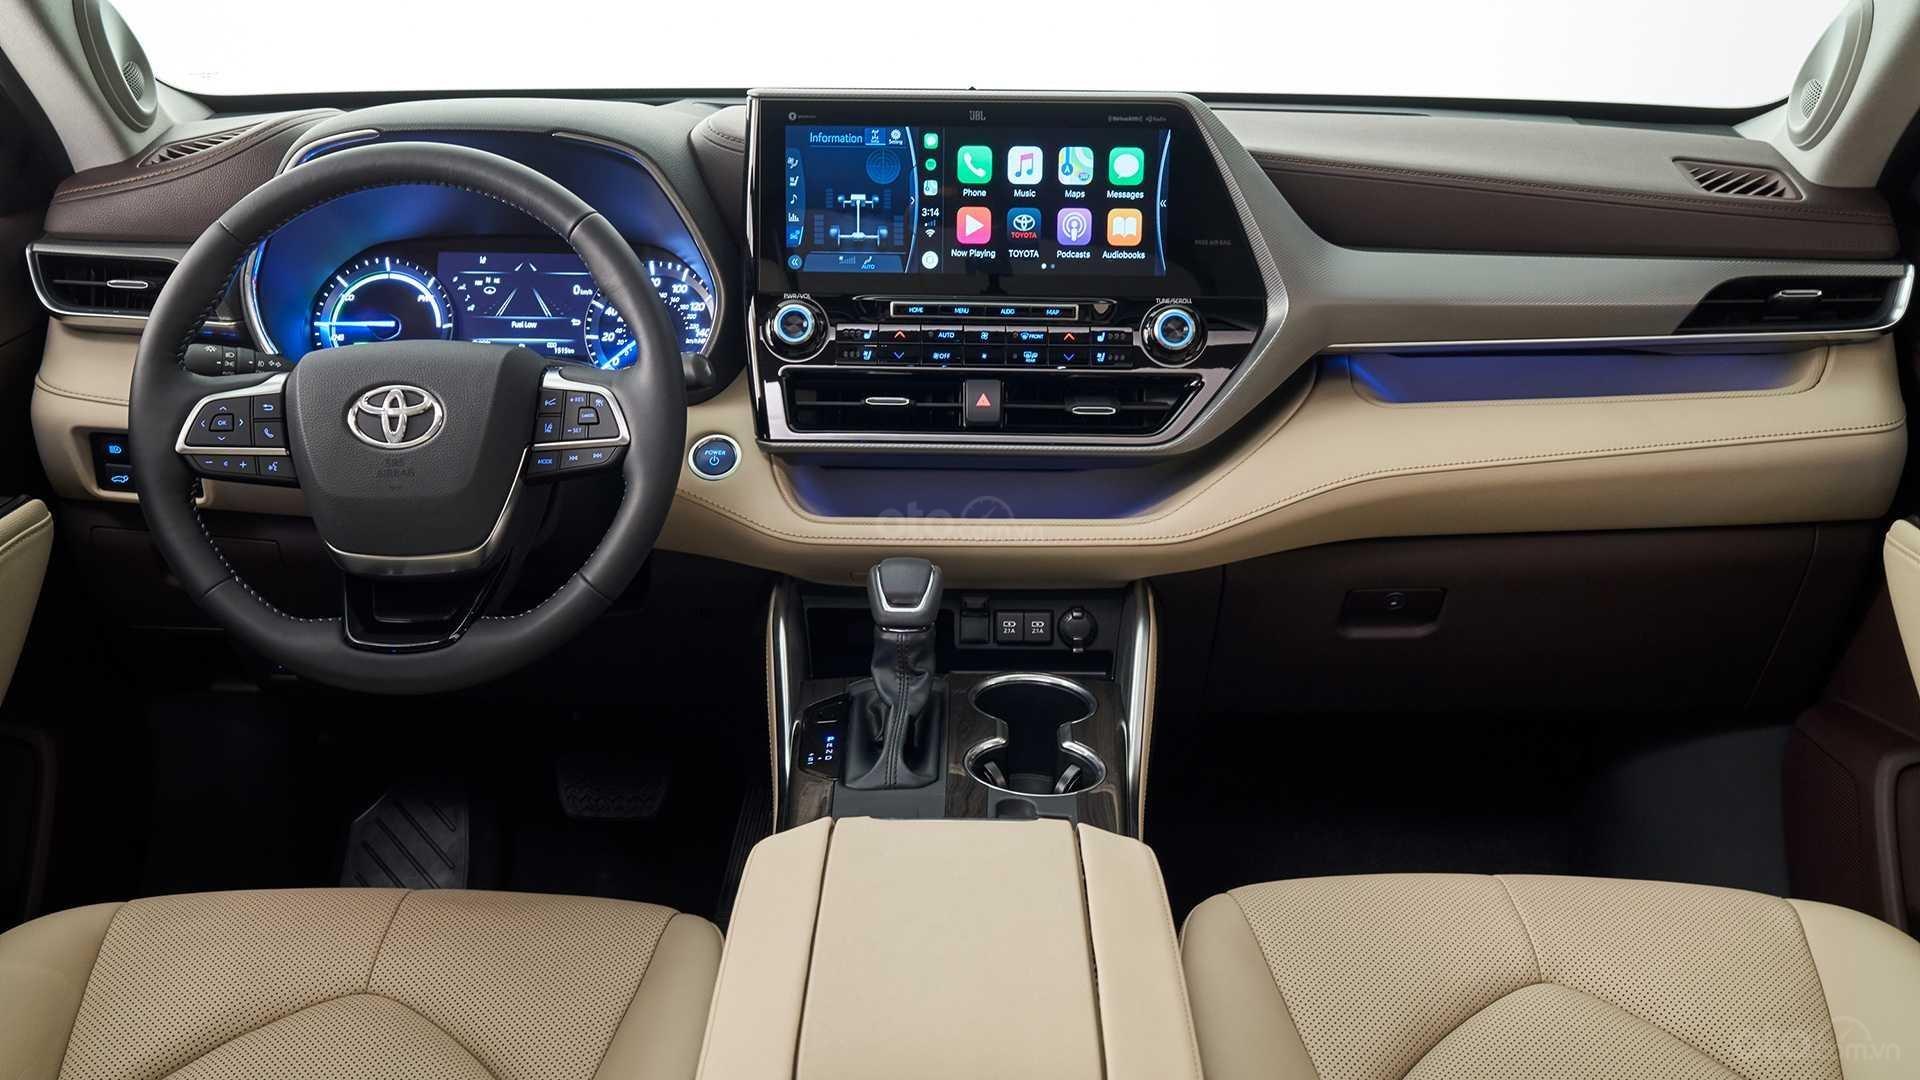 Toyota Highlander 2020 bảng táp lô 2